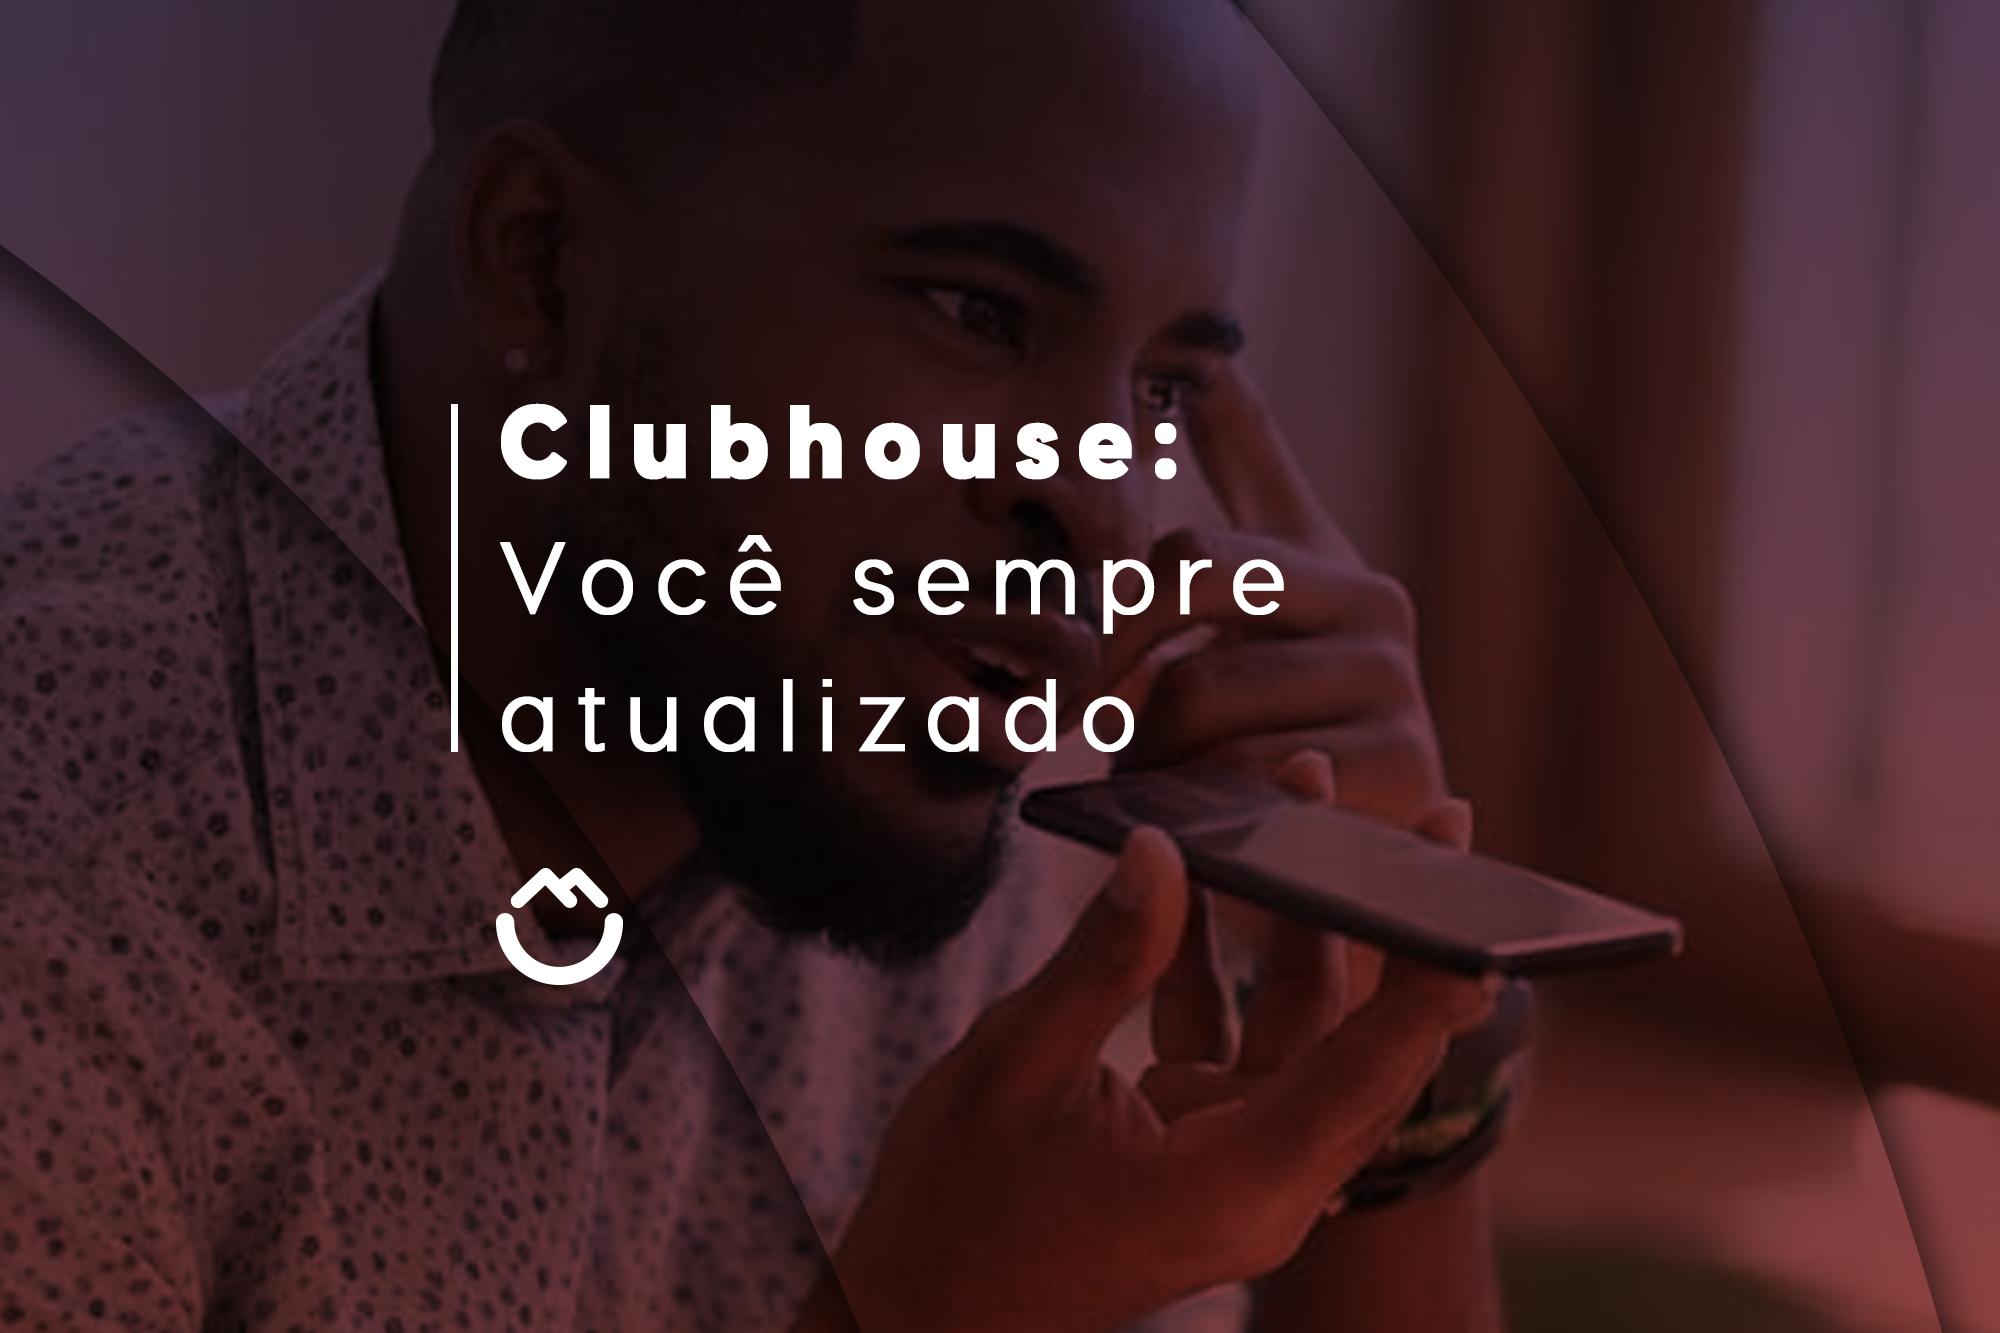 Clubhouse: você sempre atualizado